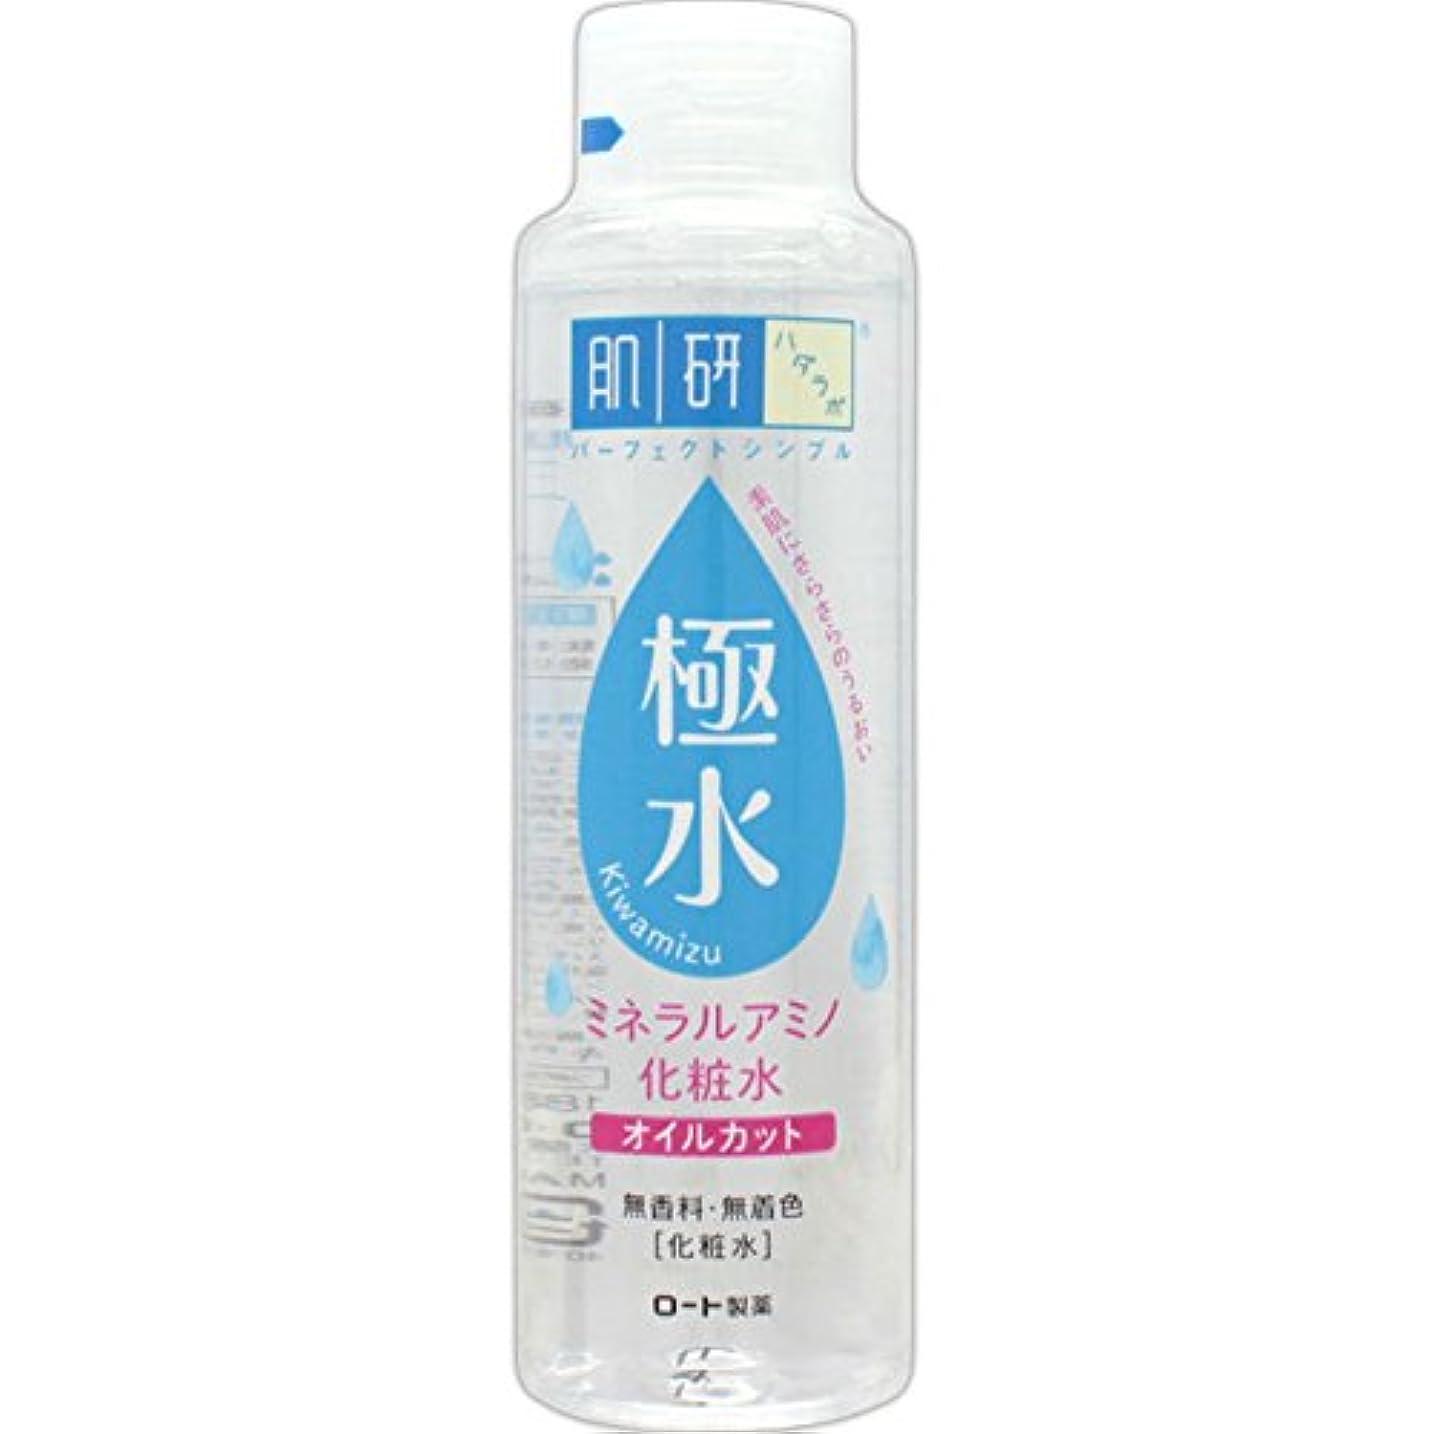 年金受給者忙しい椅子肌研(ハダラボ) 極水 ミネラルアミノ化粧水 180mL